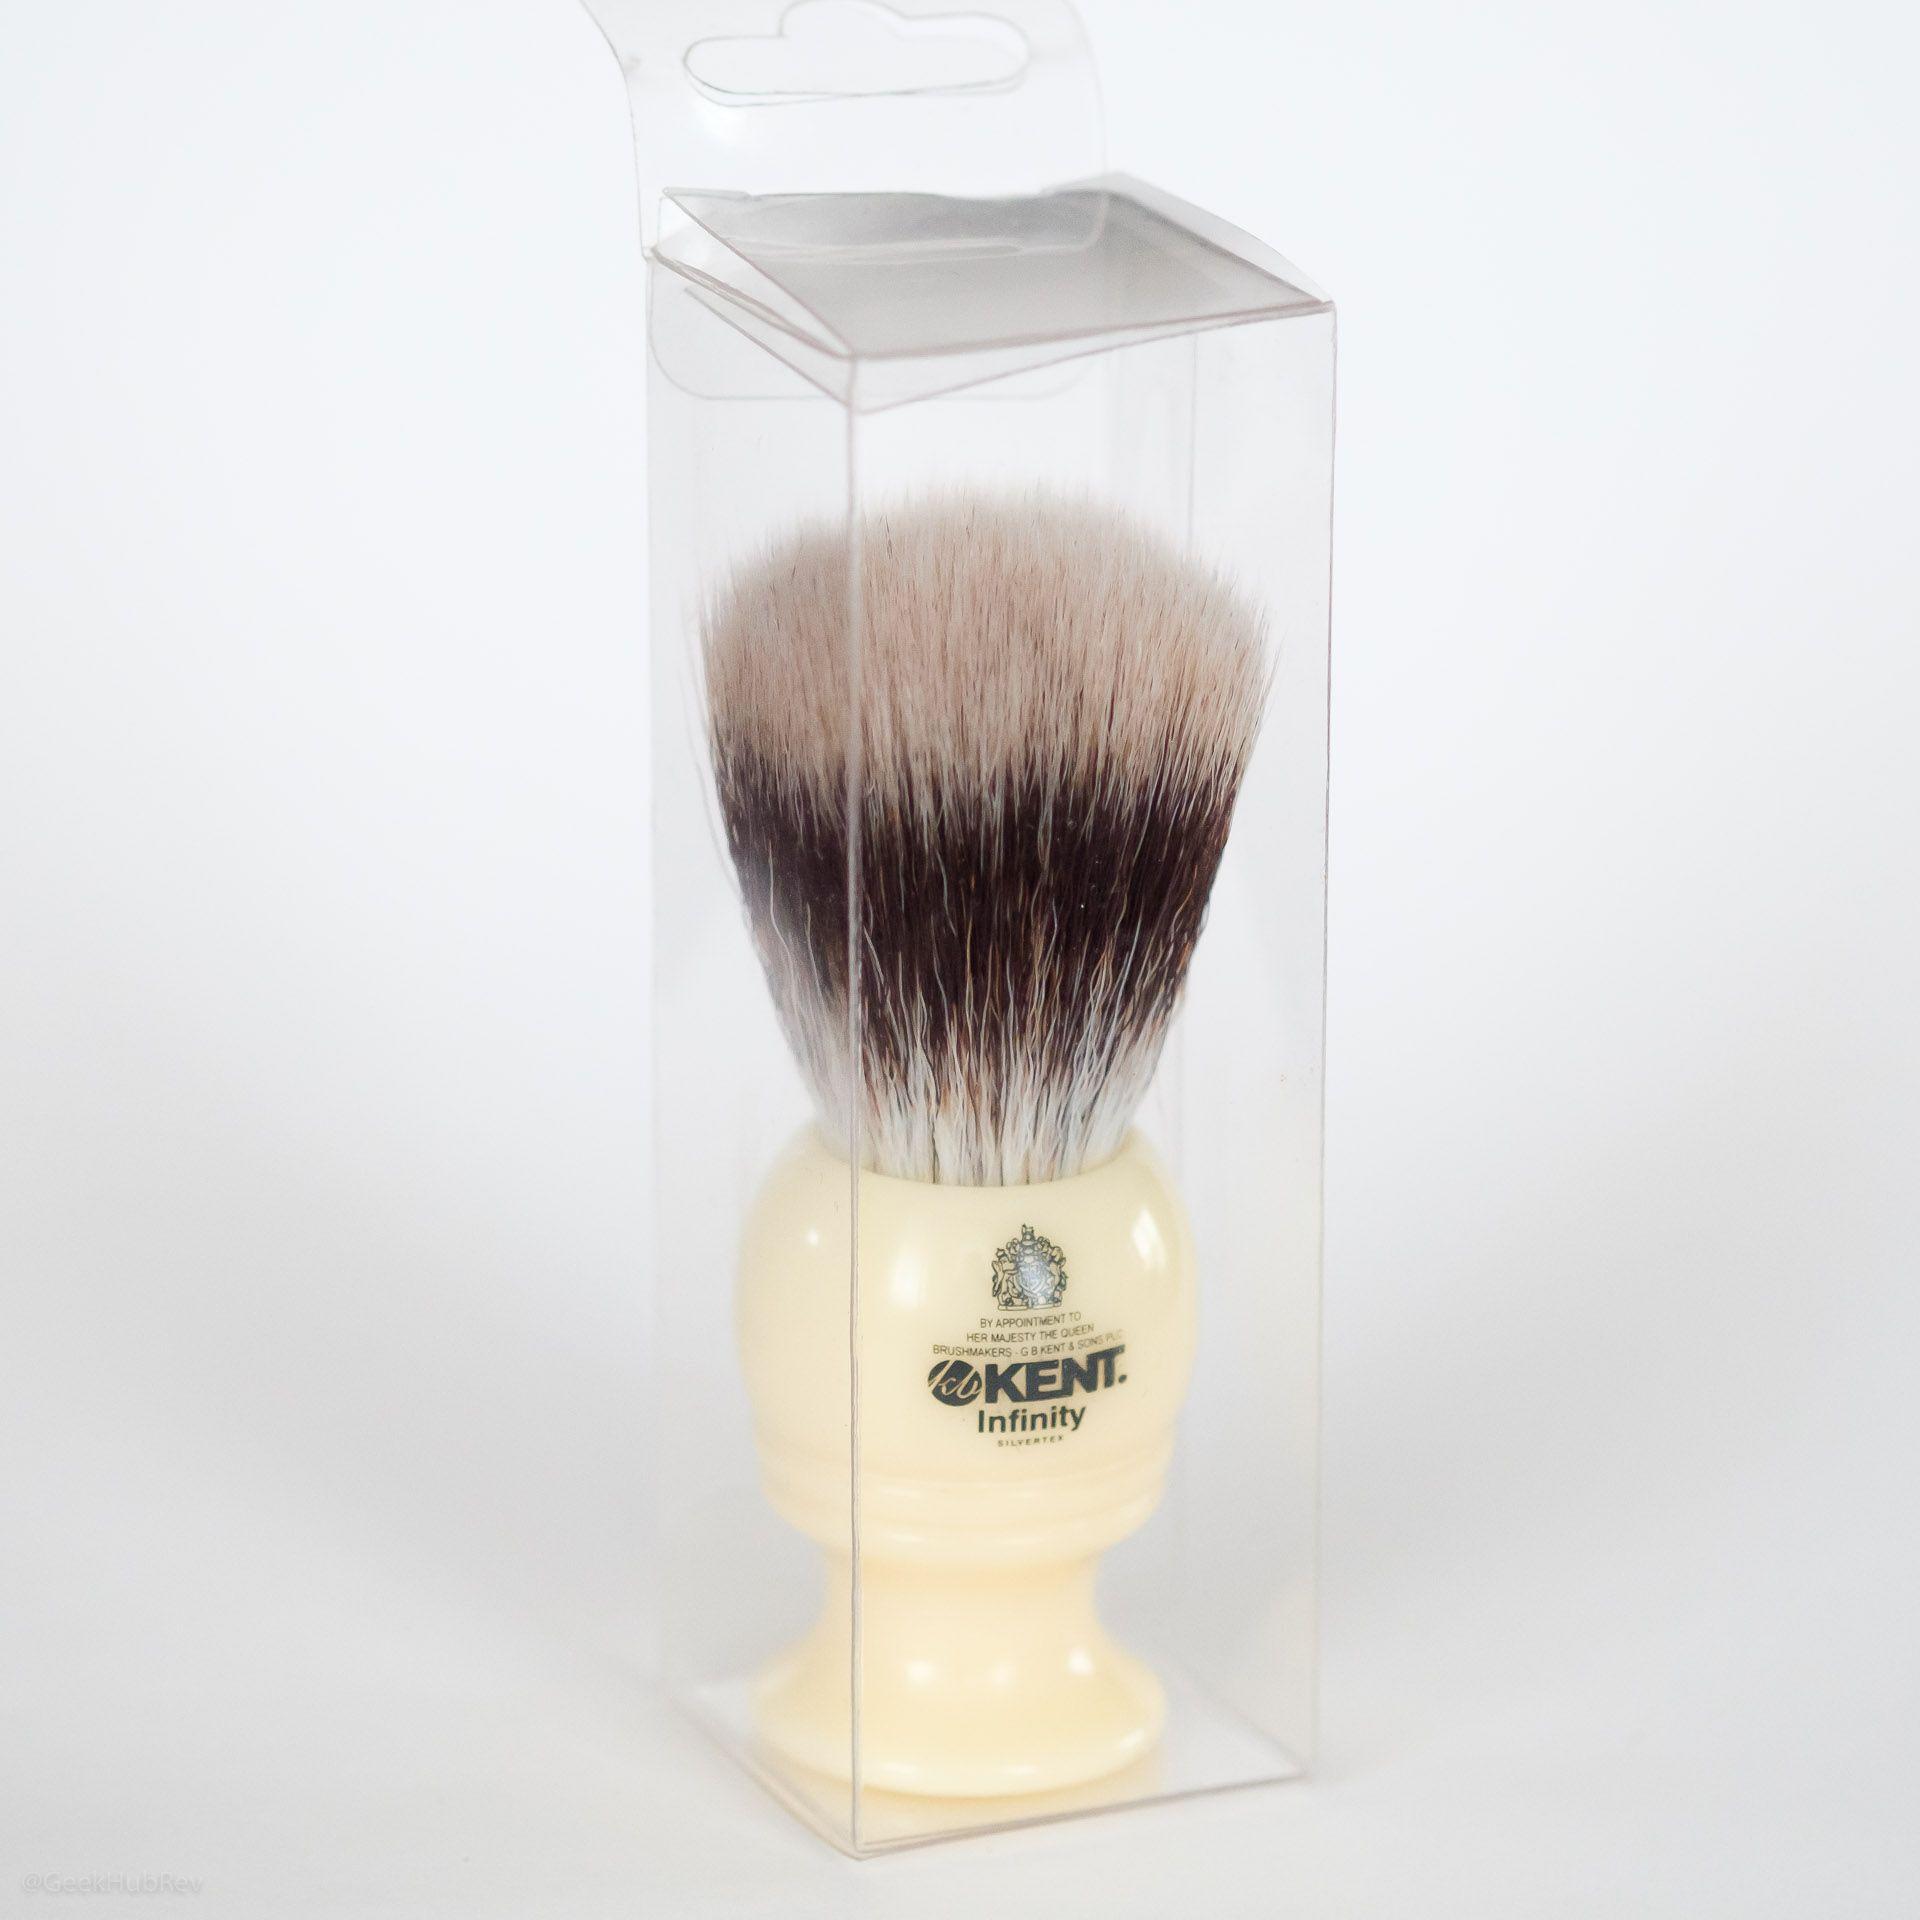 Opakowanie pędzla do golenia Kent Infinity Silvertex Shaving Brush